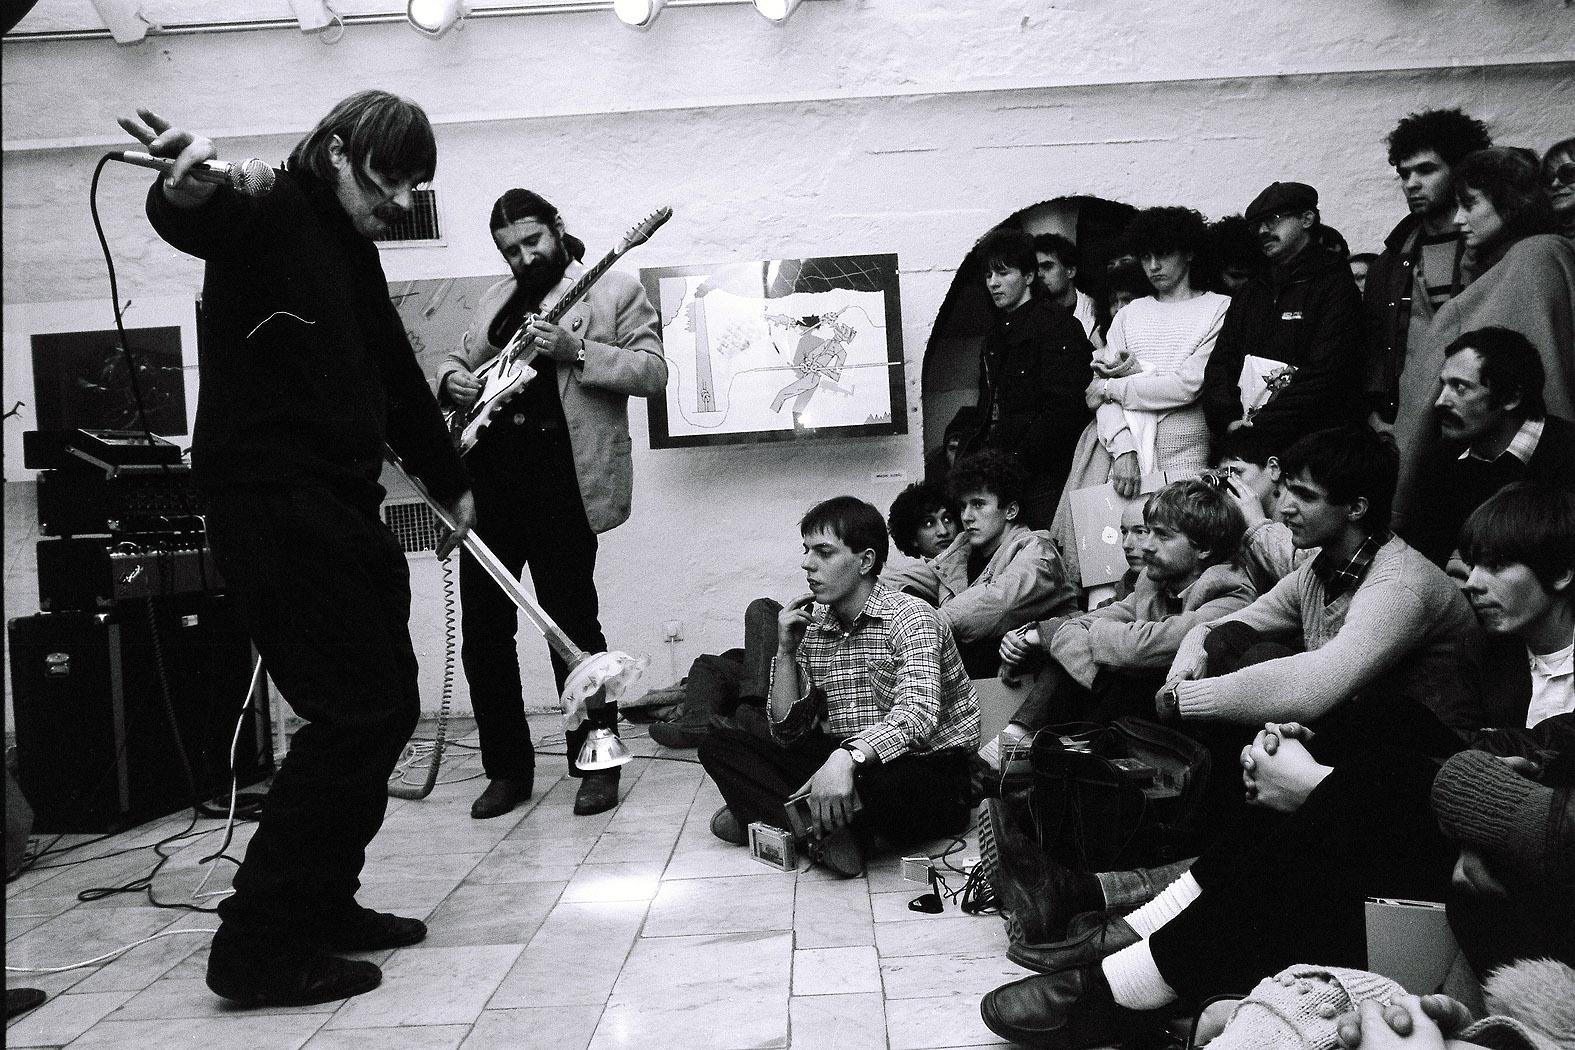 Kálmándy Ferenc: A Neoszarvasbika zenekar koncertje. Ef Zámbó István, Fe Lugossy László, Wahorn András A 3 fő erény című kiállításának megnyitóján. Pécs, Pécsi Galéria, 1985. február 8.